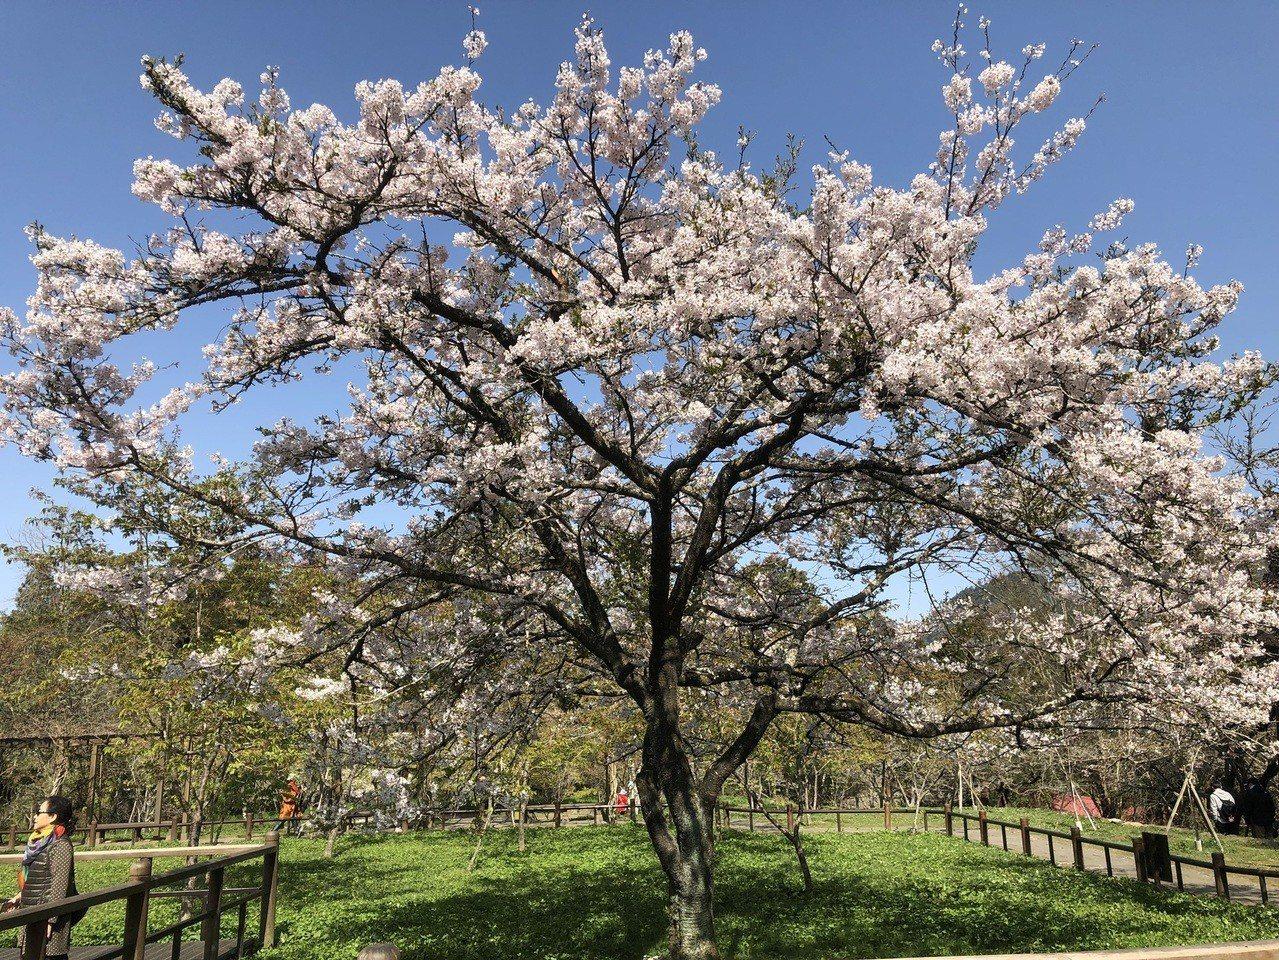 全台灣知名度最高的櫻花樹─阿里山櫻王,這幾天盛開了,盛開後5天內,是最燦爛的櫻王...